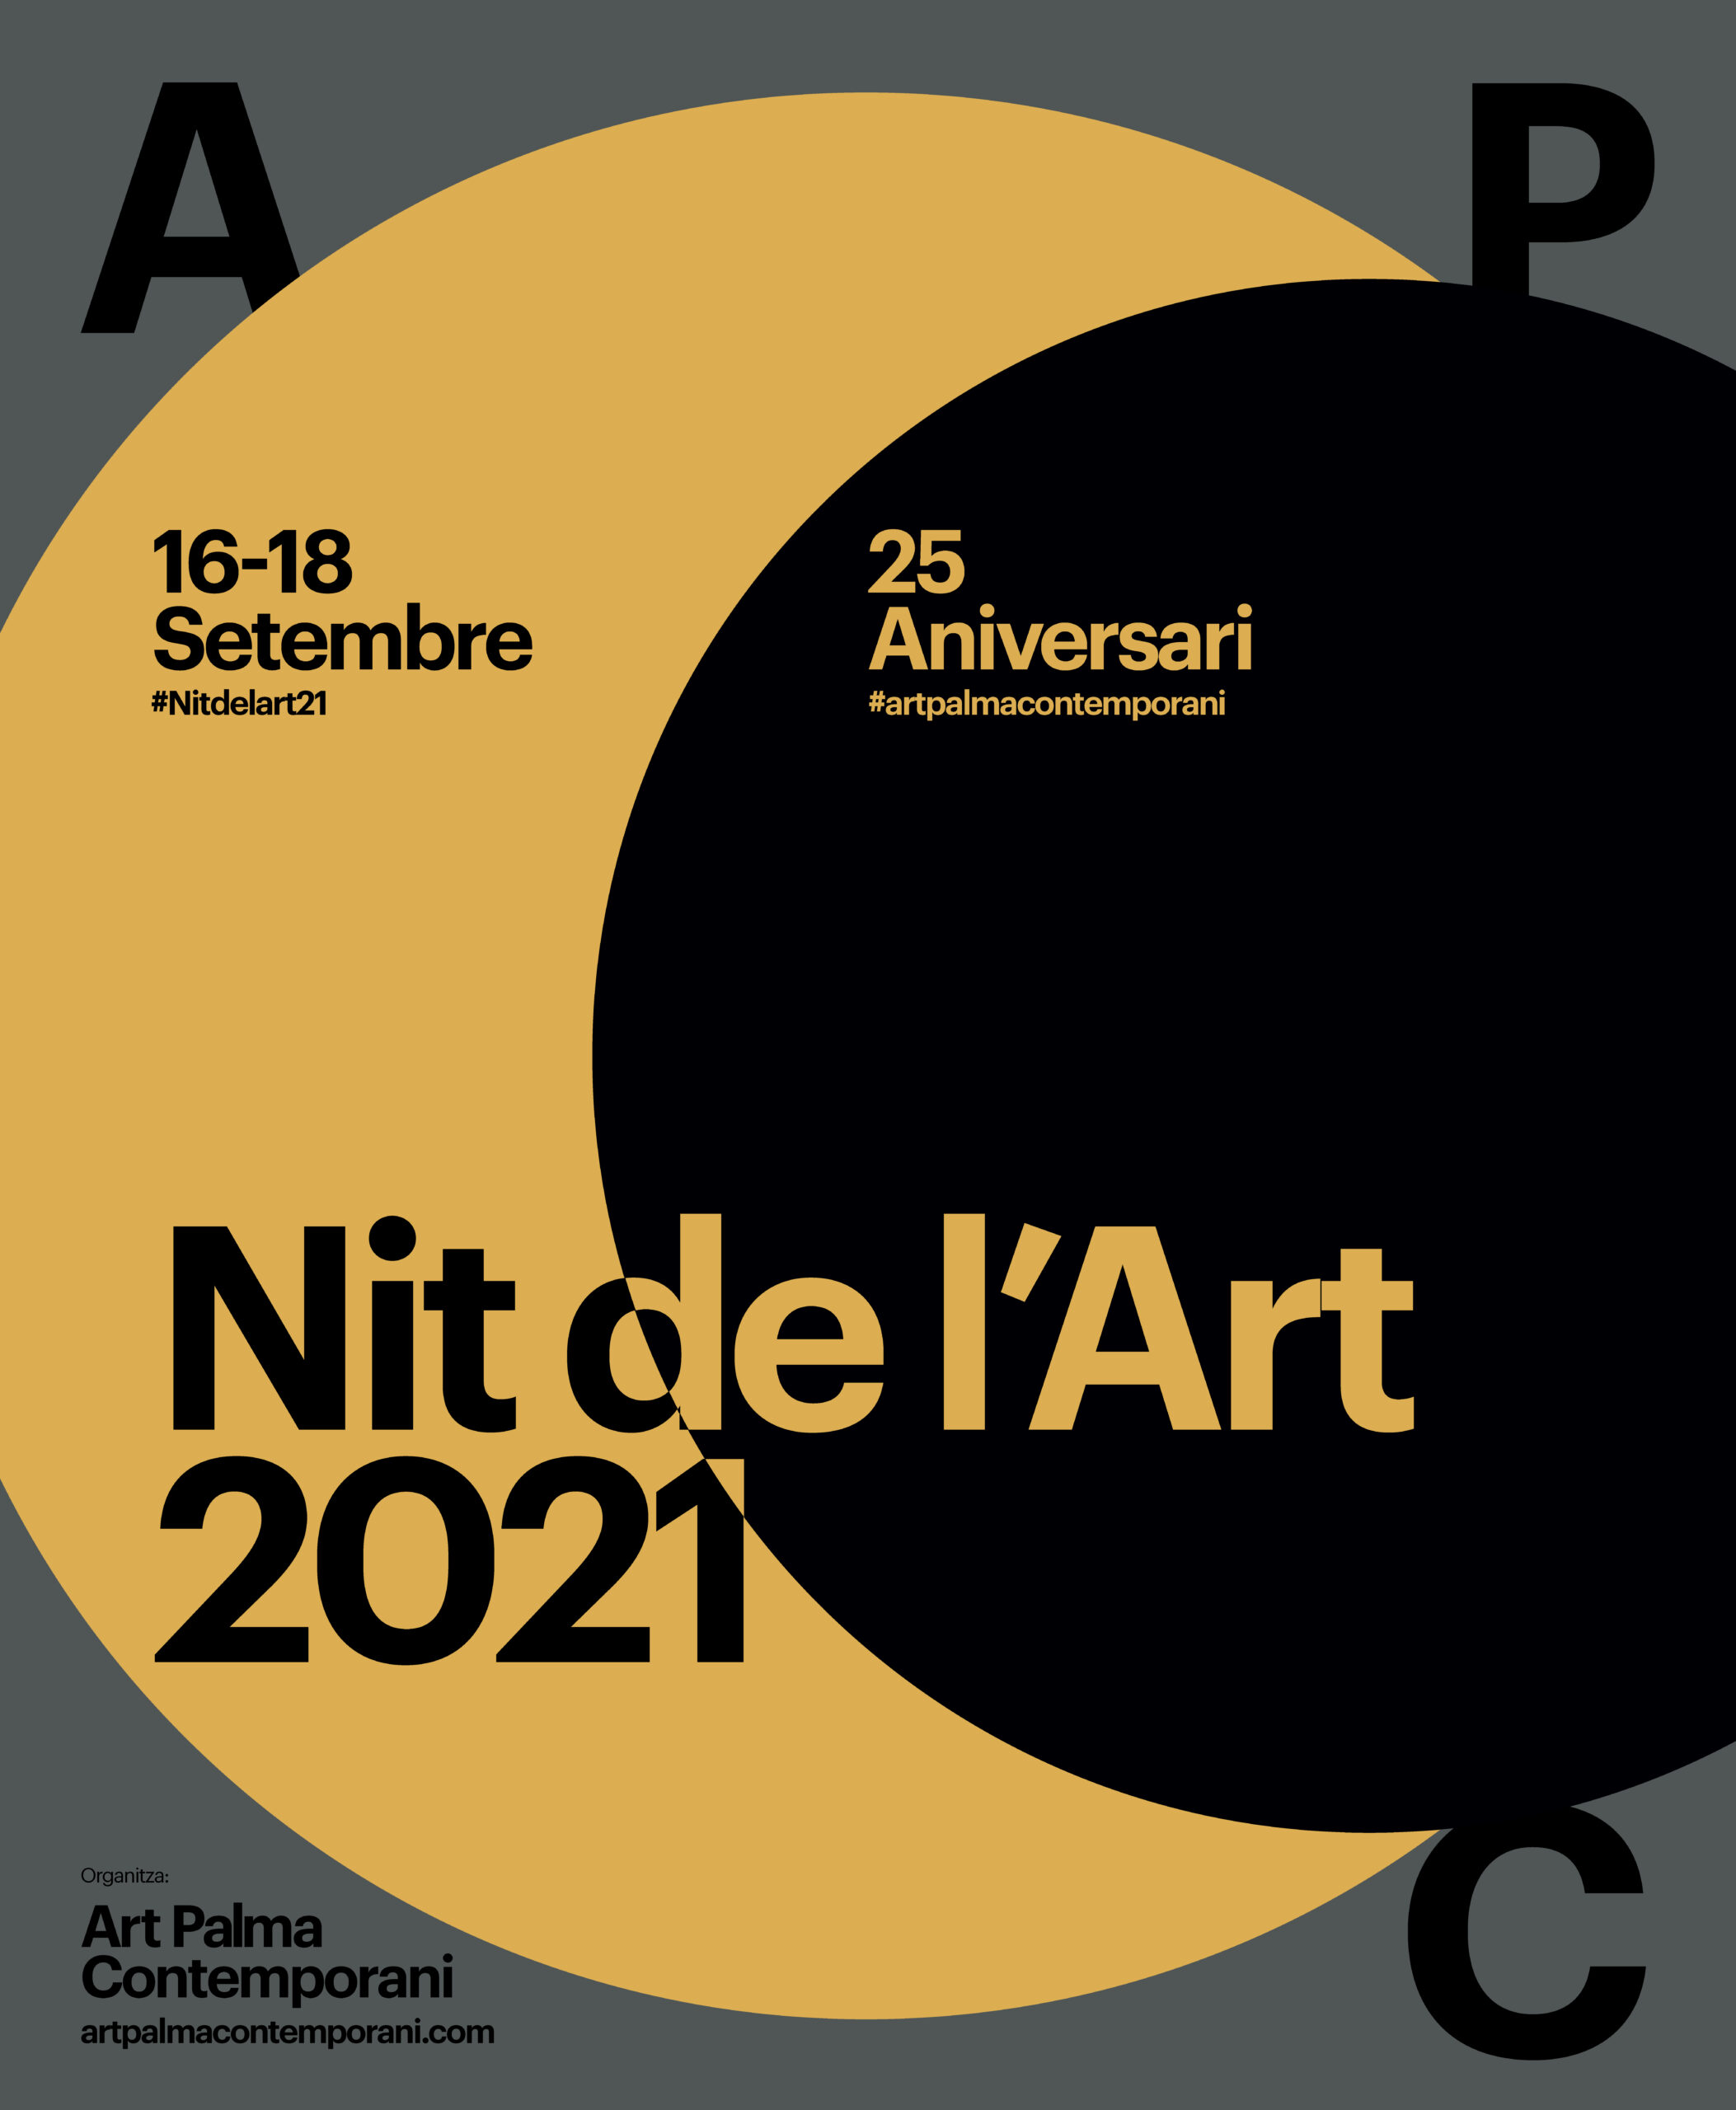 noche-del-arte-nit-art-exposiciones-exhibitions-palma